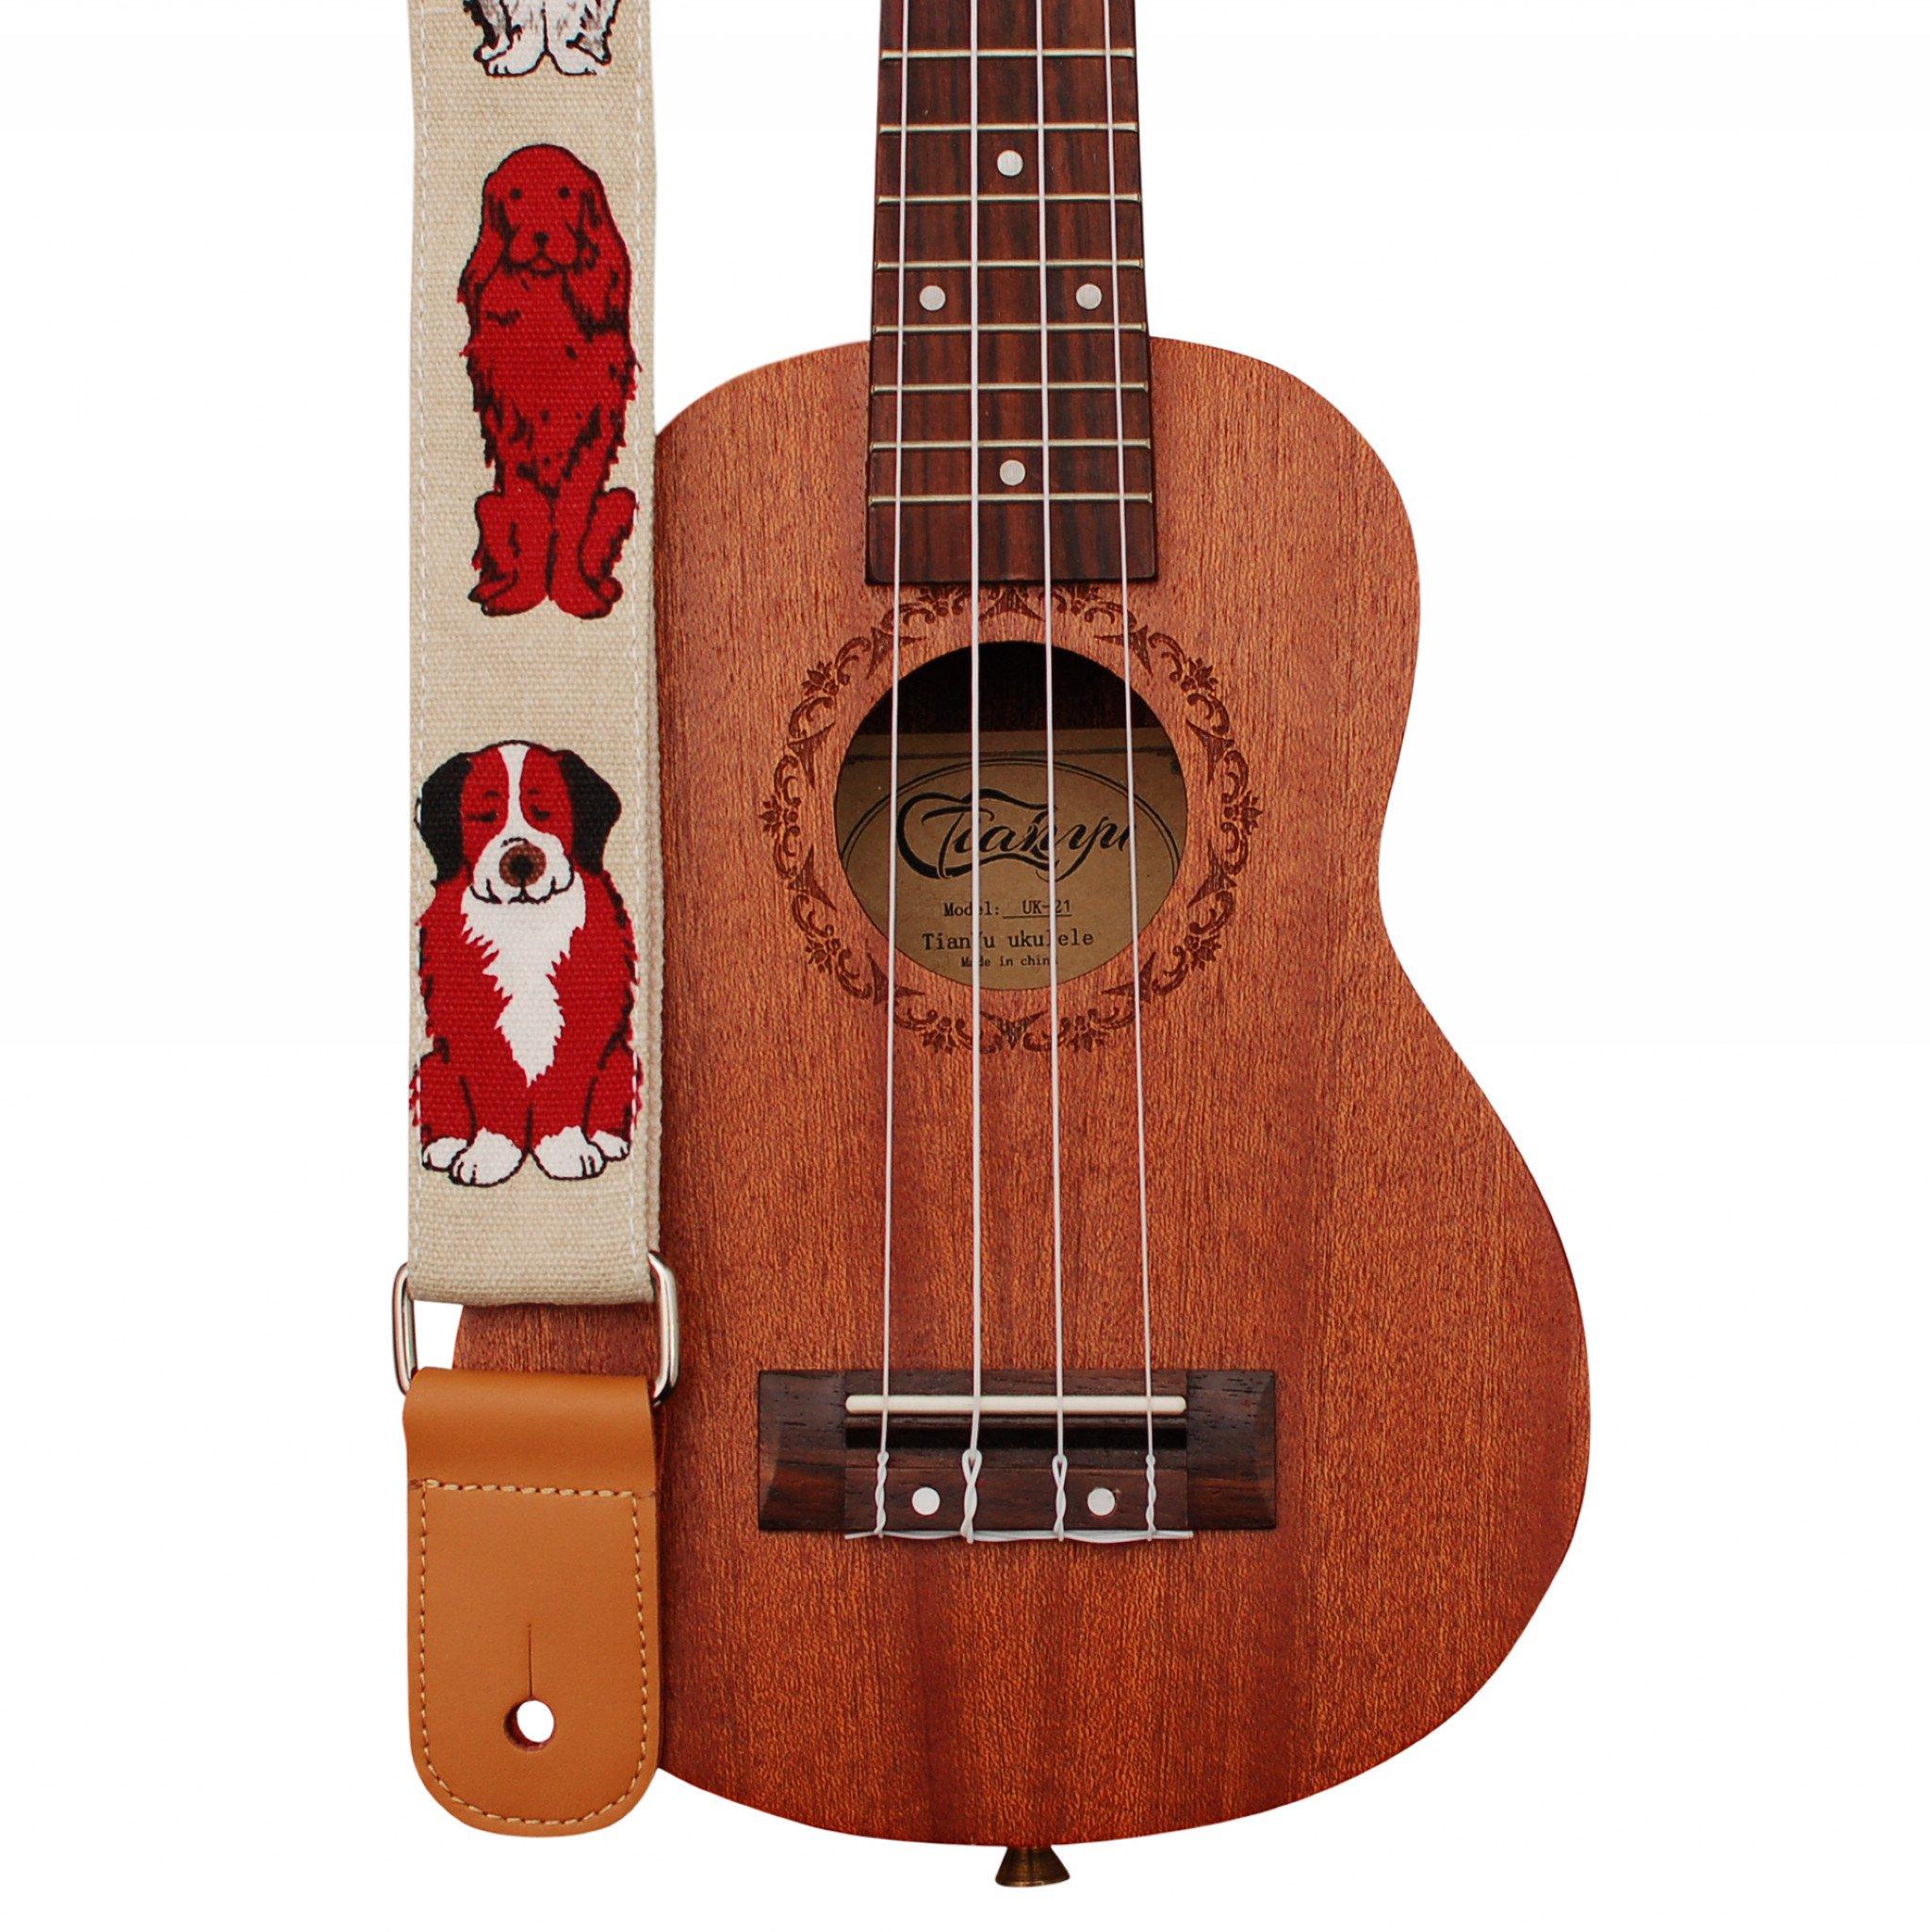 """MUSIC FIRST Original Design """"MR DOG"""" Soft Cotton & Genuine Leather Ukulele Strap Ukulele Shoulder Strap"""